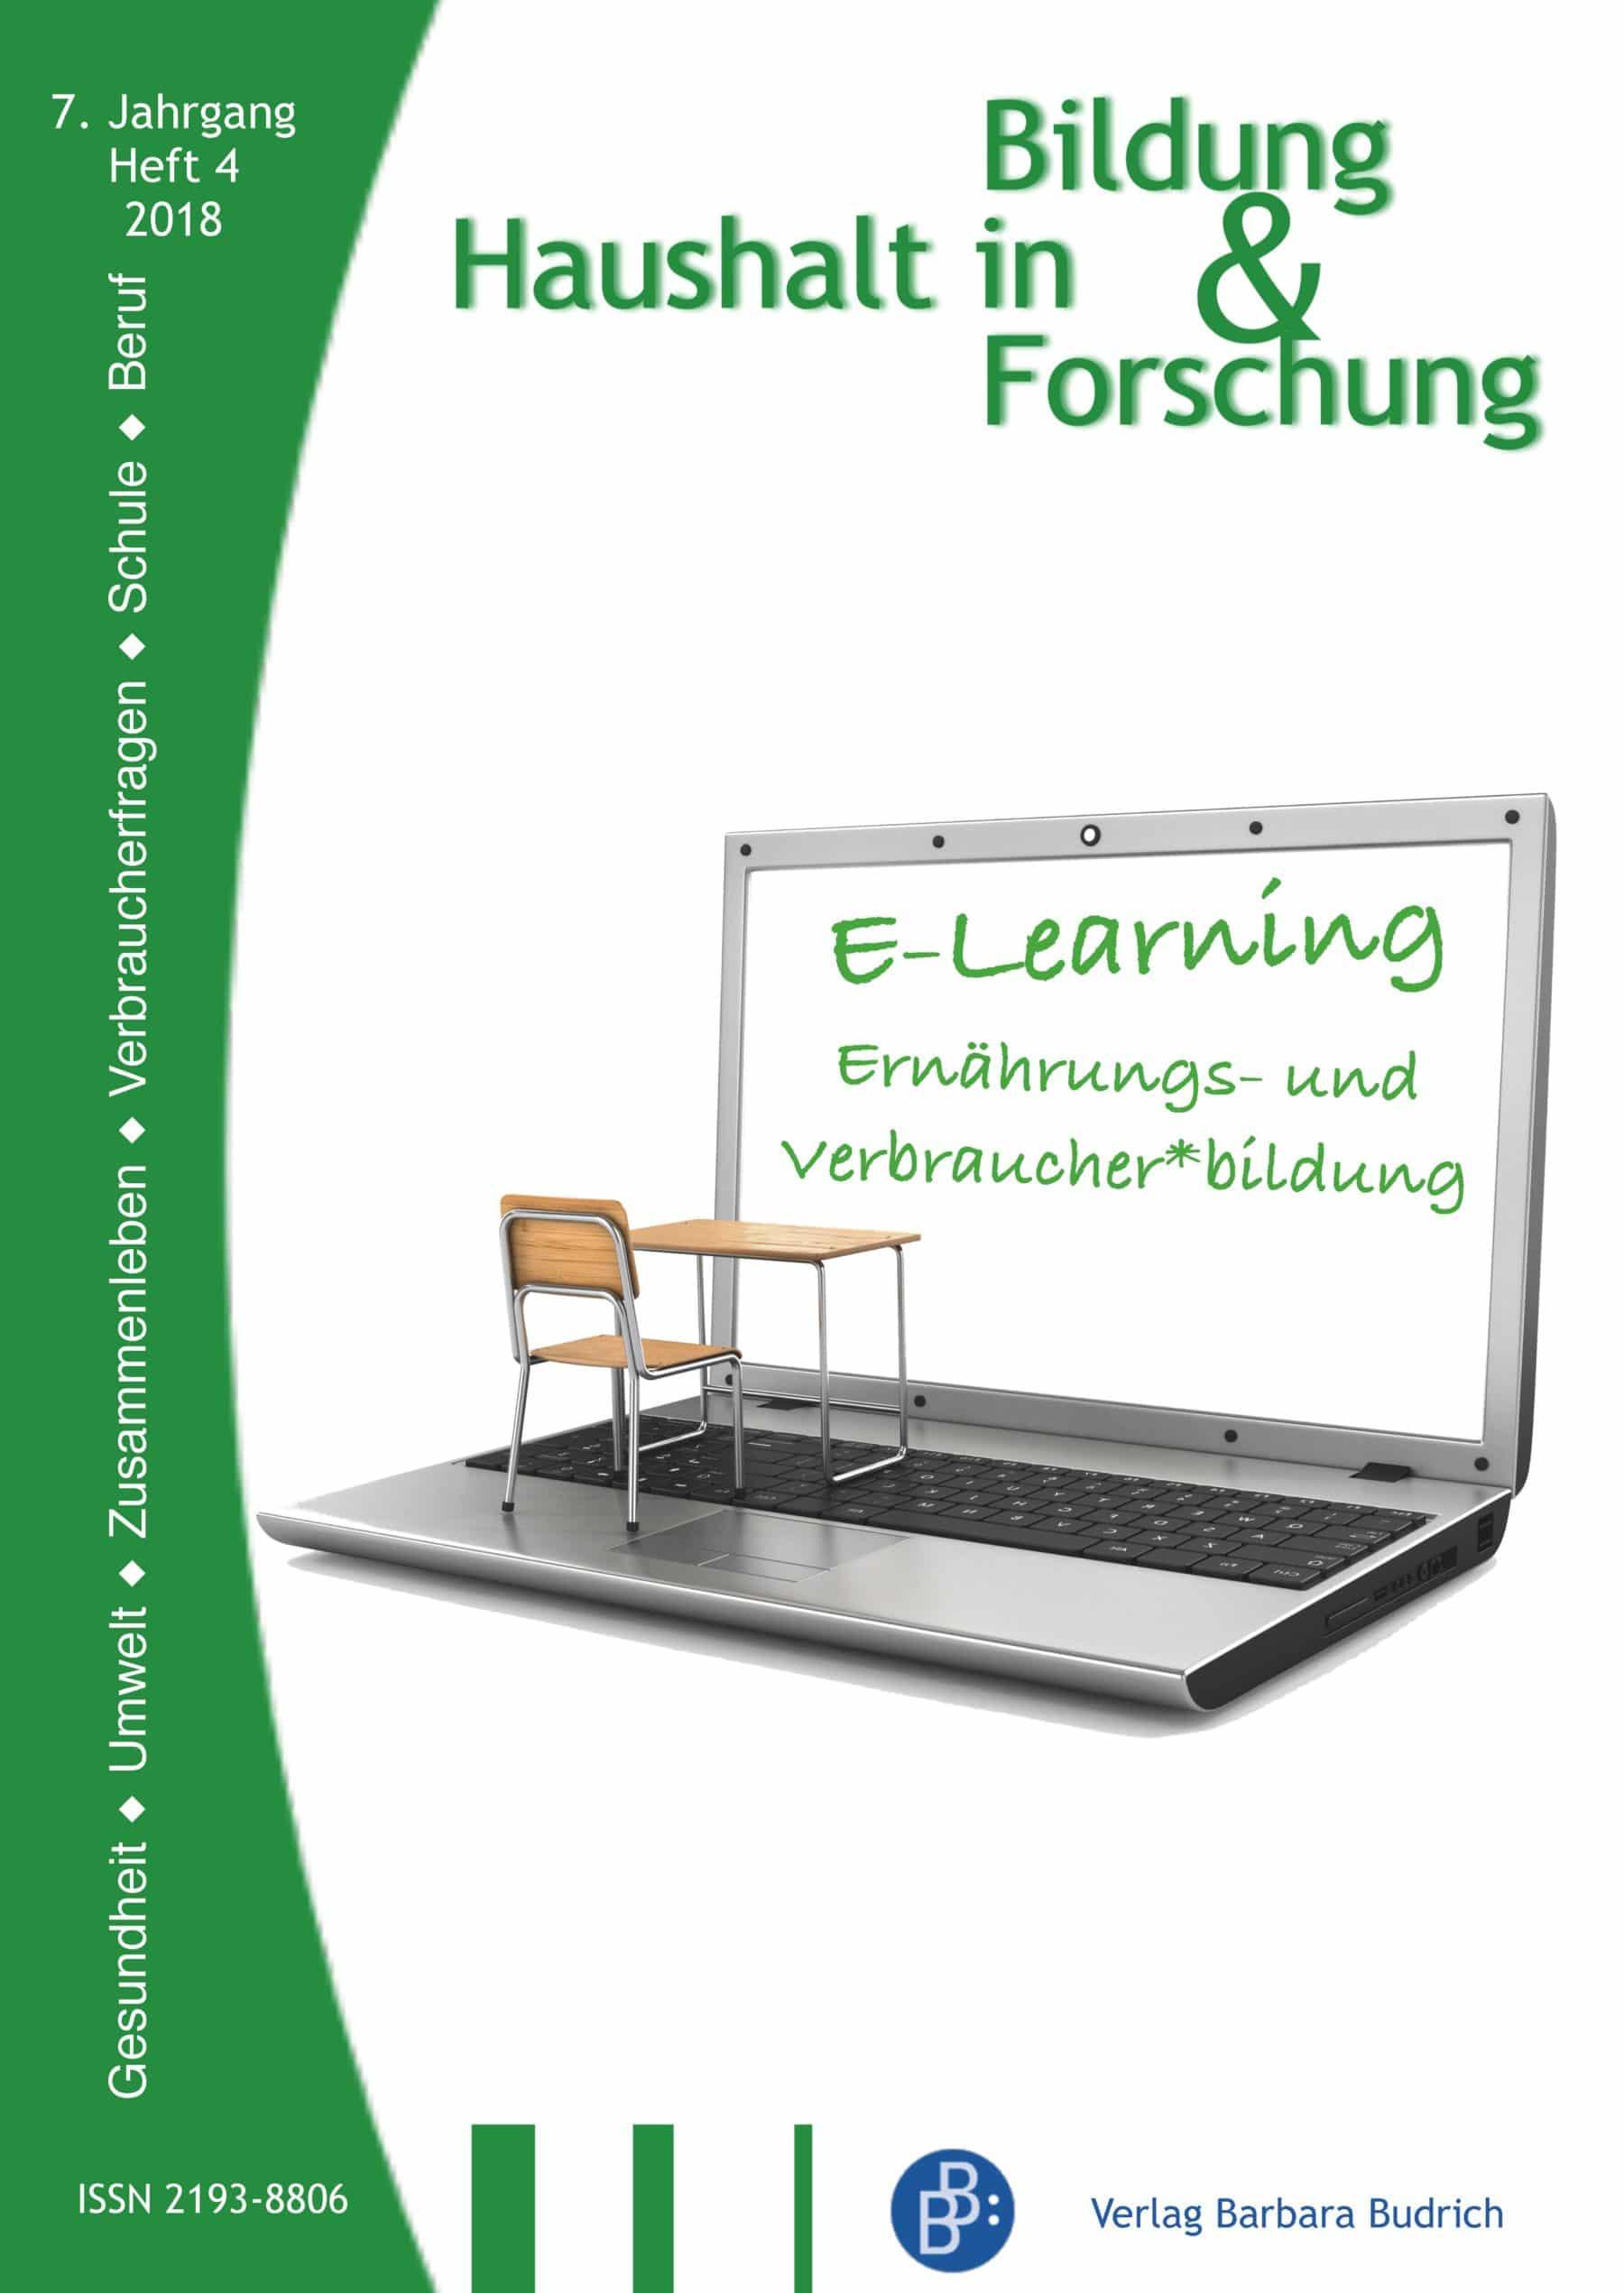 HiBiFo 4-2018 | E-Learning. Ernährungs- und Verbraucher*bildung